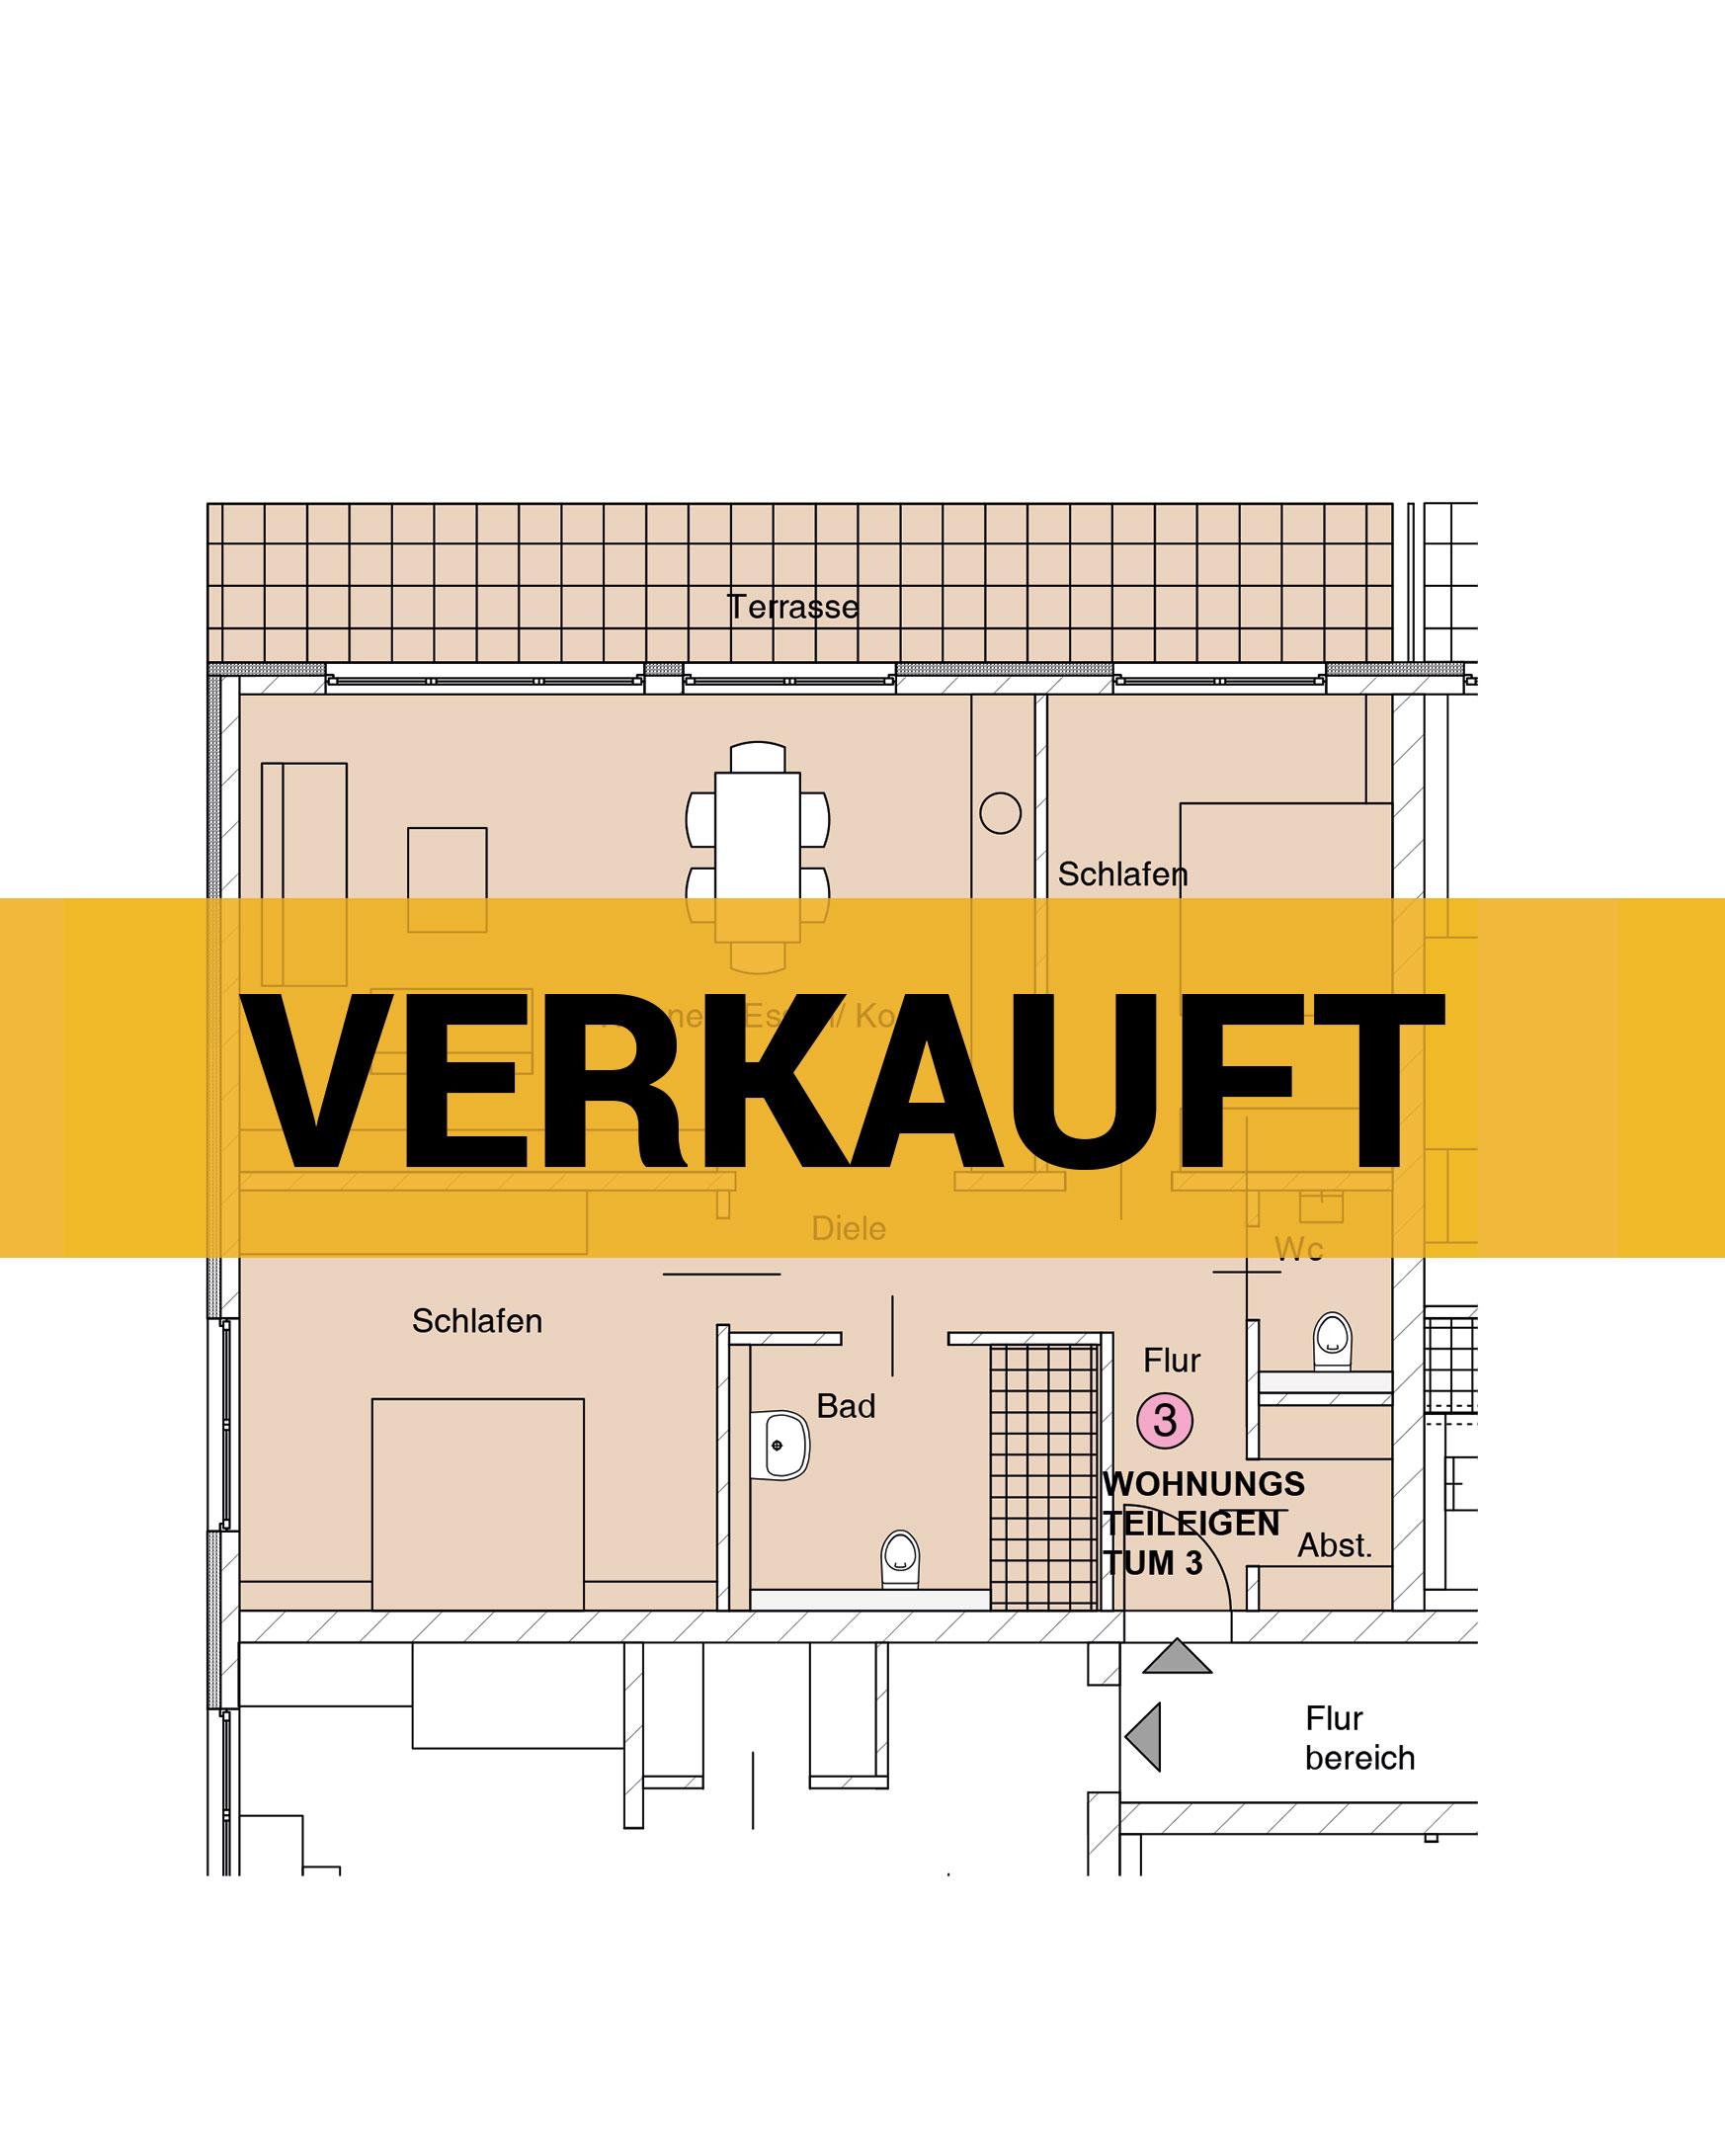 Grundriss einer Wohnung - verkauft